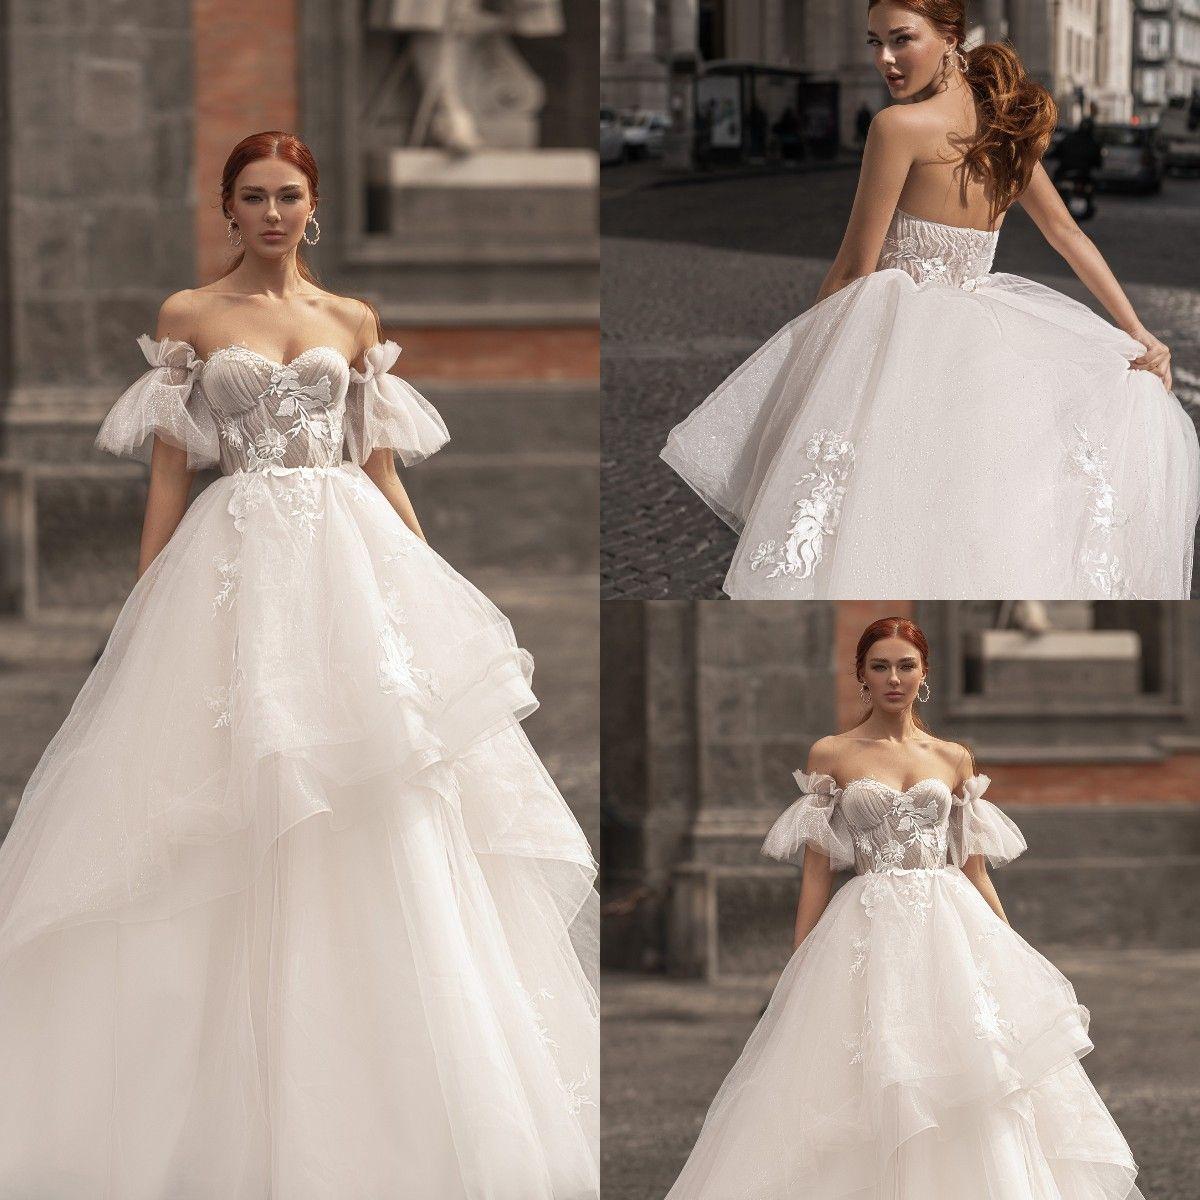 Katherine Joyce 2021 A Line Wedding Dresses Bridal Gowns Plus Size Backless Sweetheart Puff Sleeve Lace Applique Vestios De Novia